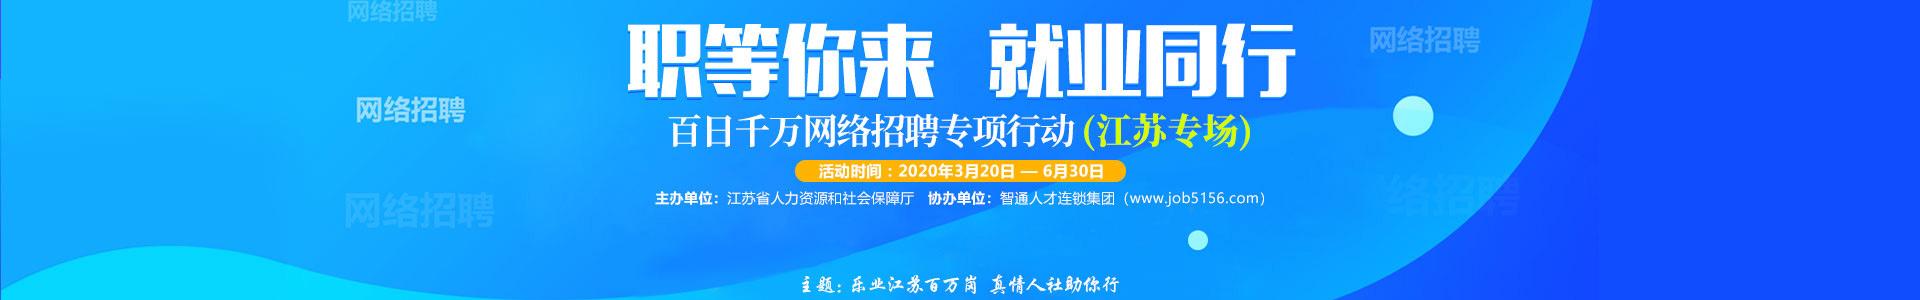 4.10 2020屆高校畢業生千企萬崗雲(yun)招聘會 藍色